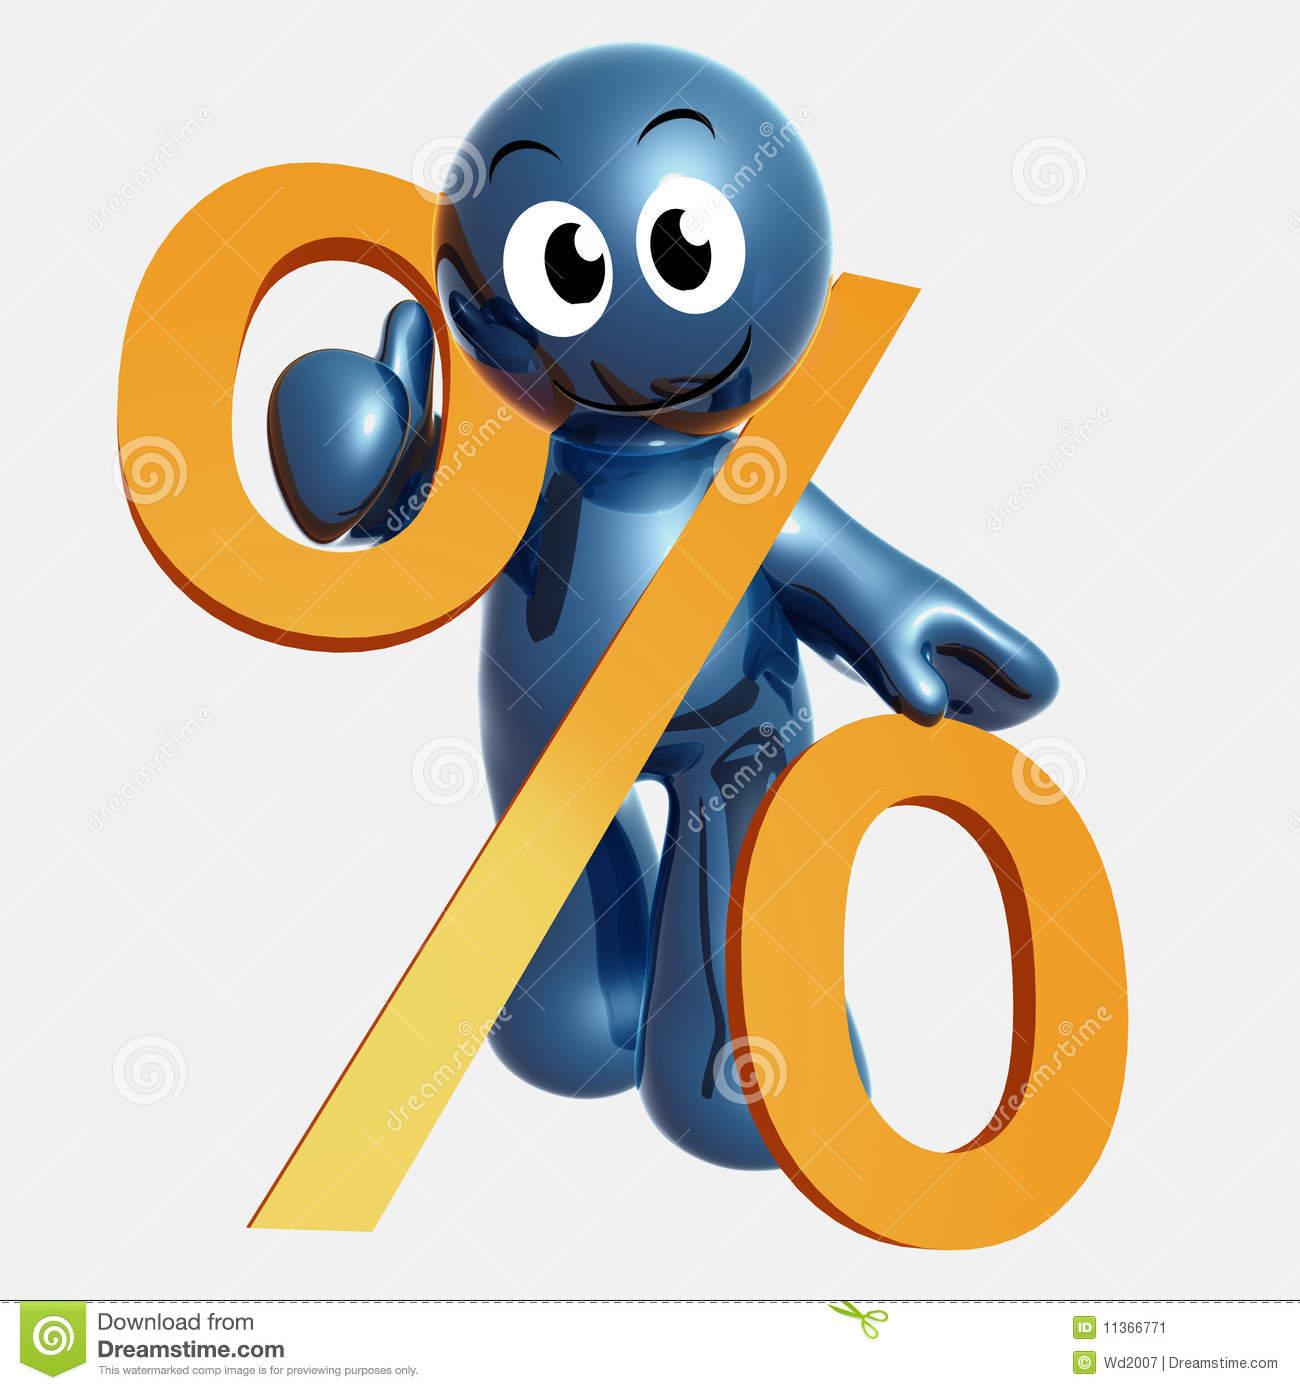 Percentage Clip Art.